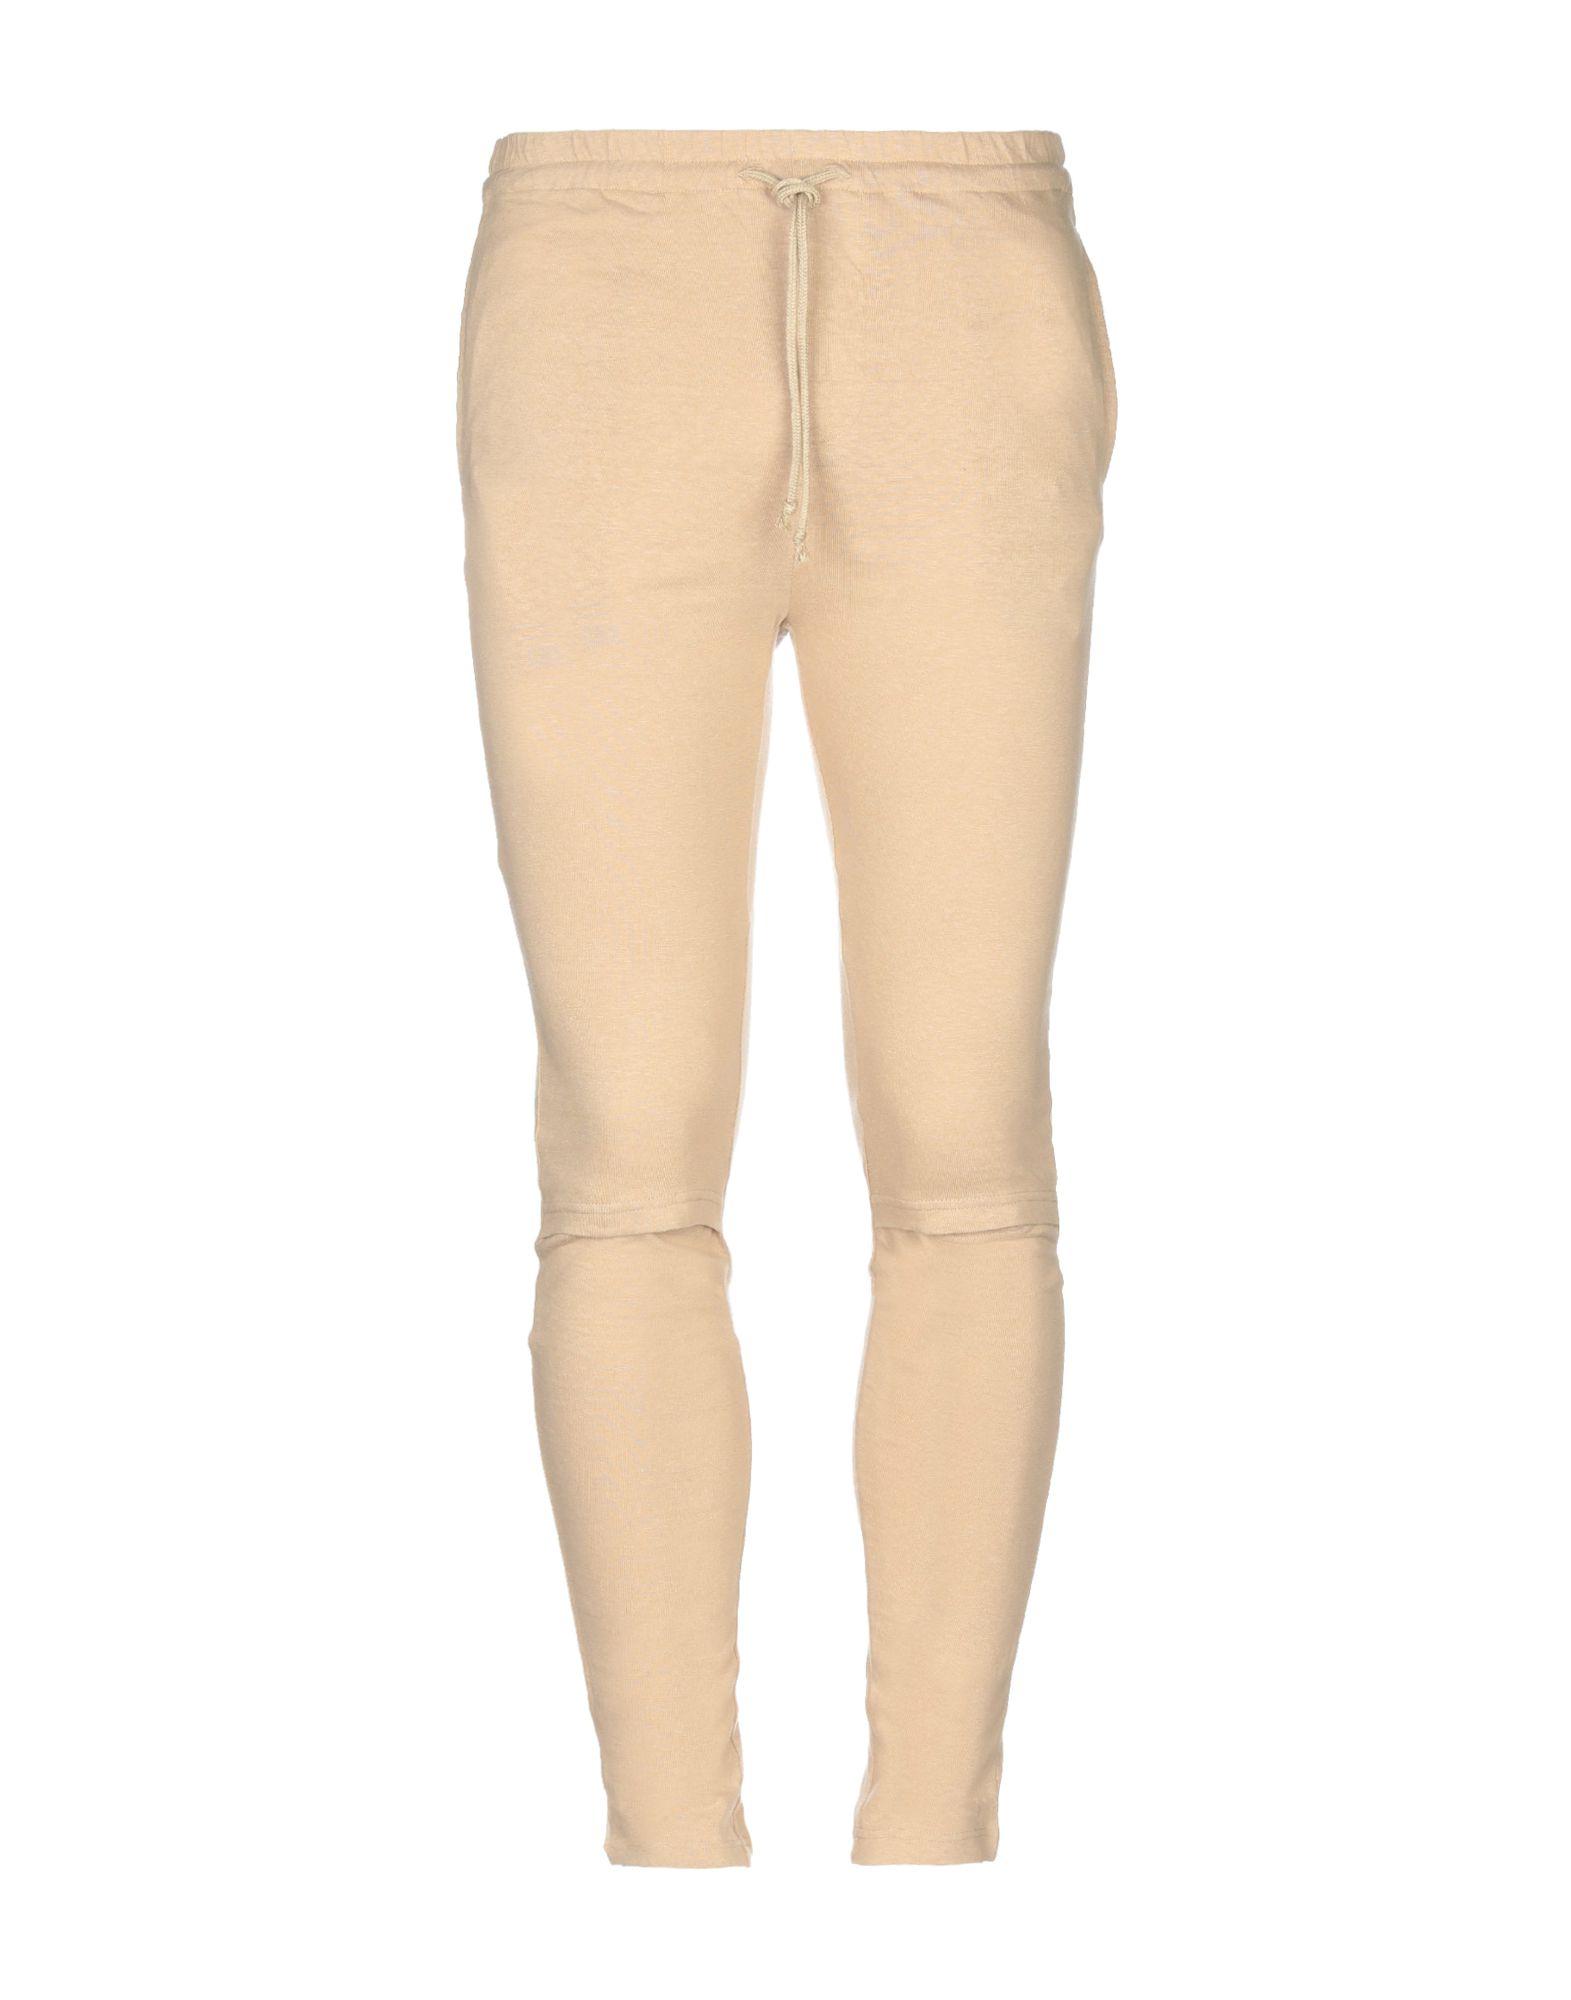 《送料無料》UNDERCOVER メンズ パンツ サンド 2 コットン 100%